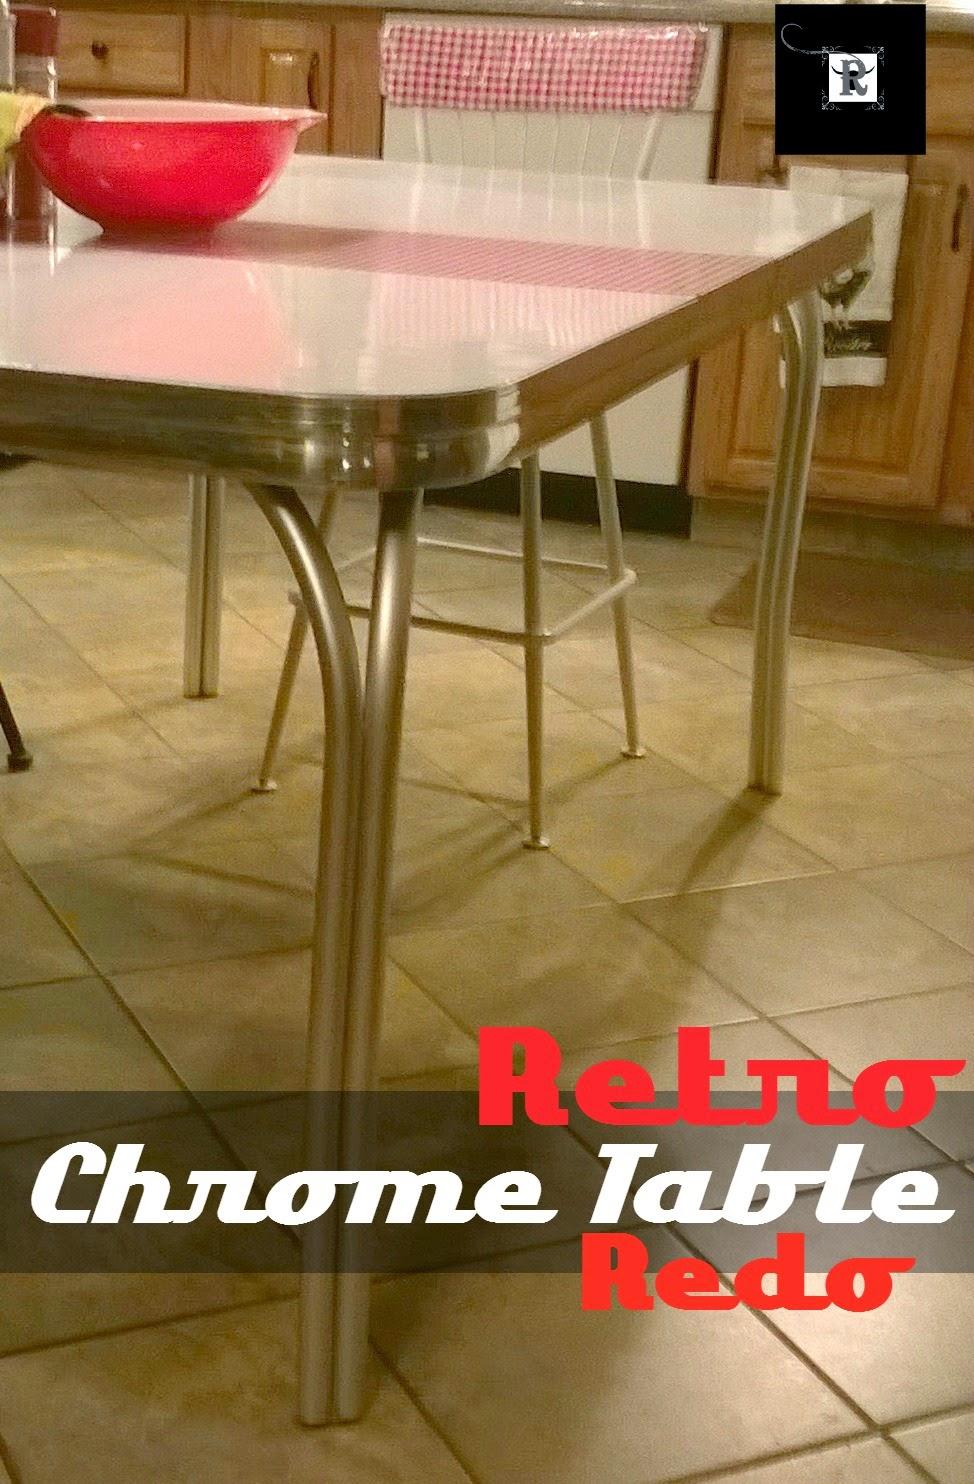 retro chrome table redo redo kitchen table Retro Chrome Table Redo Redo It Yourself Inspirations Retro Chrome Table Redo